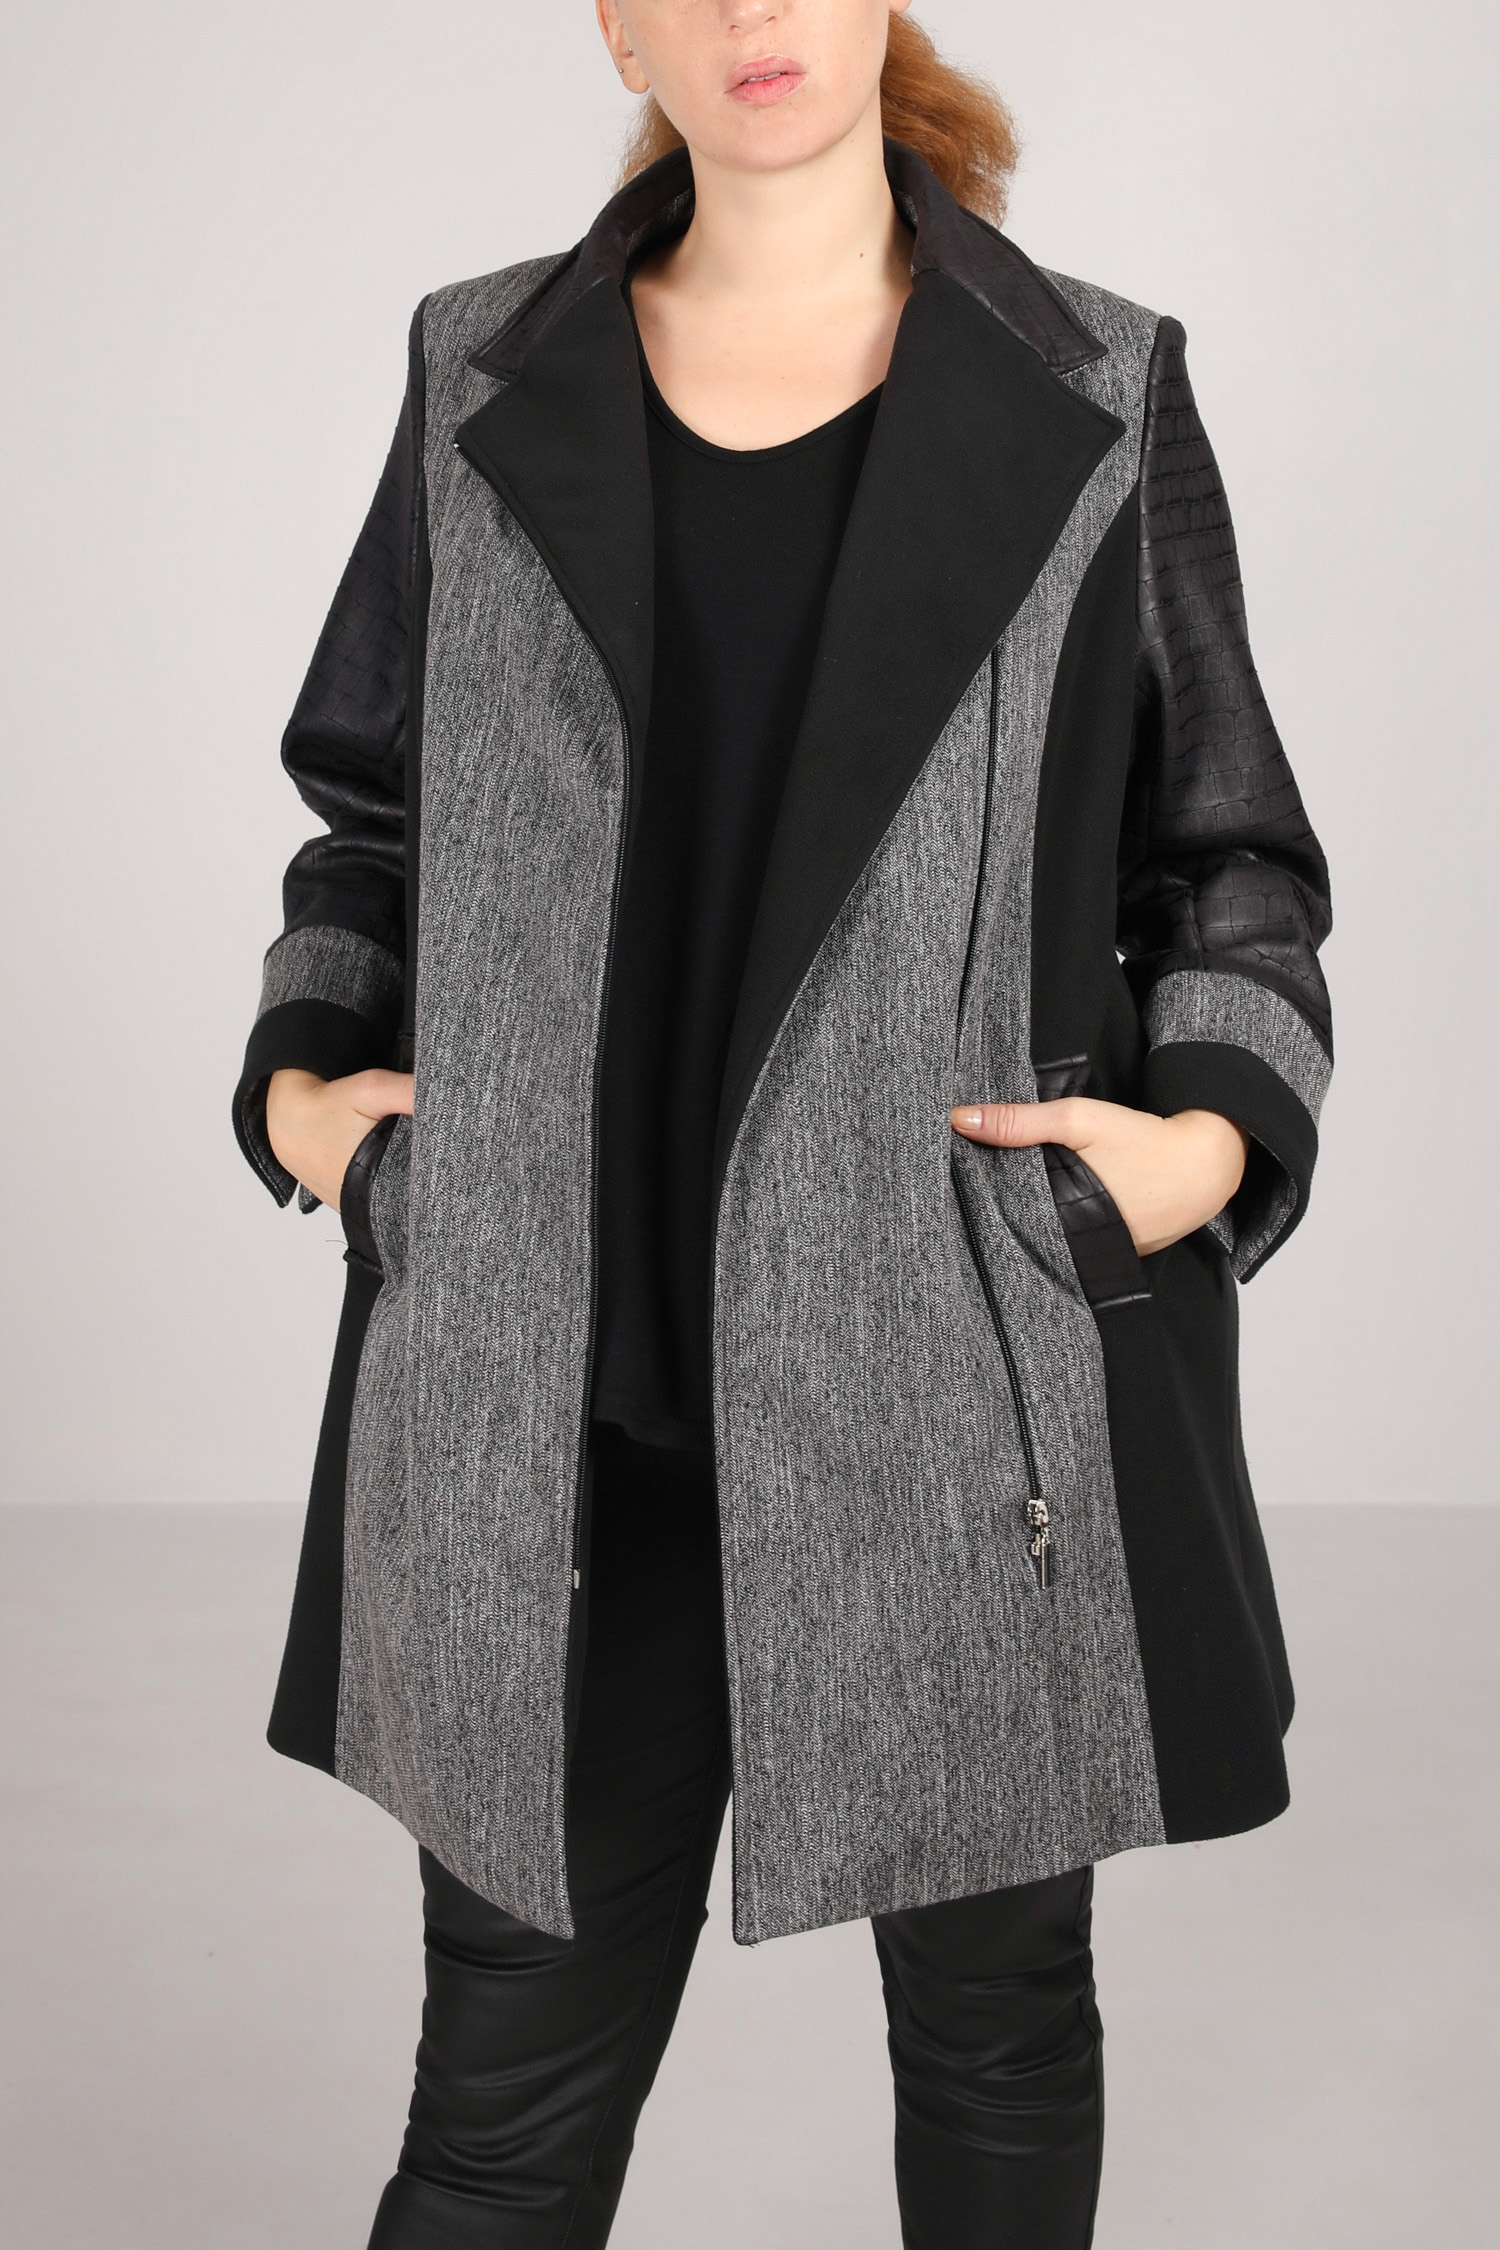 Perfecto style coat